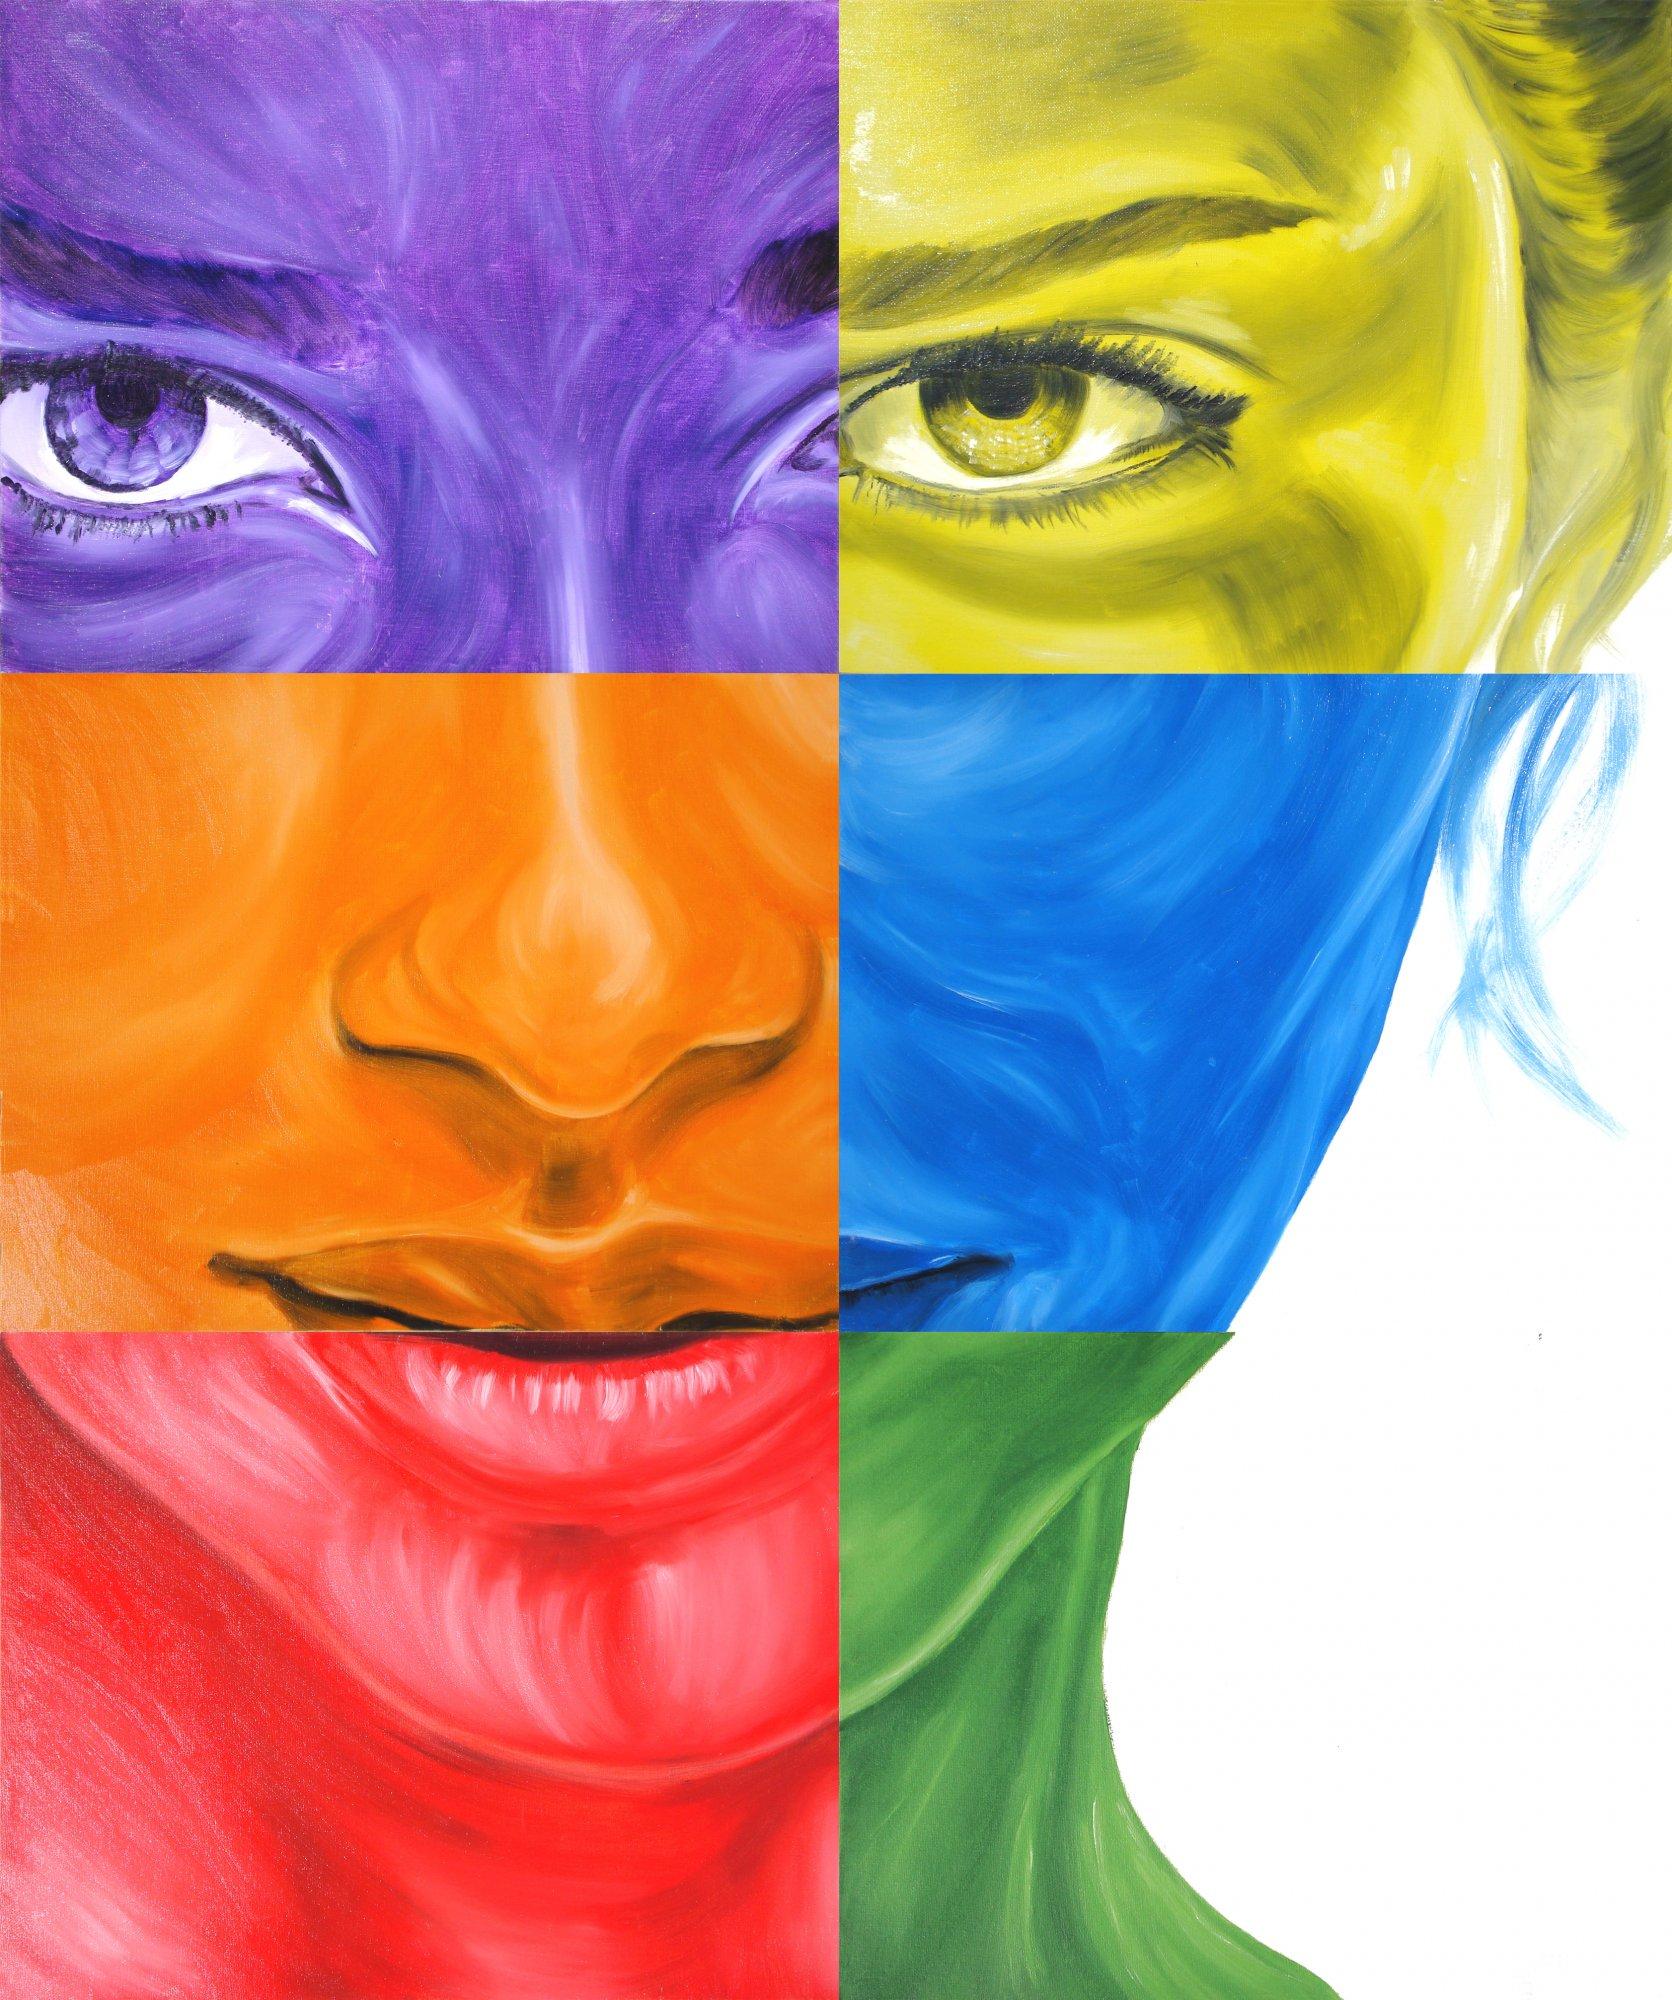 Policromia - Marina - Artwork Celeste Prize: www.celesteprize.com/artwork/ido:6101